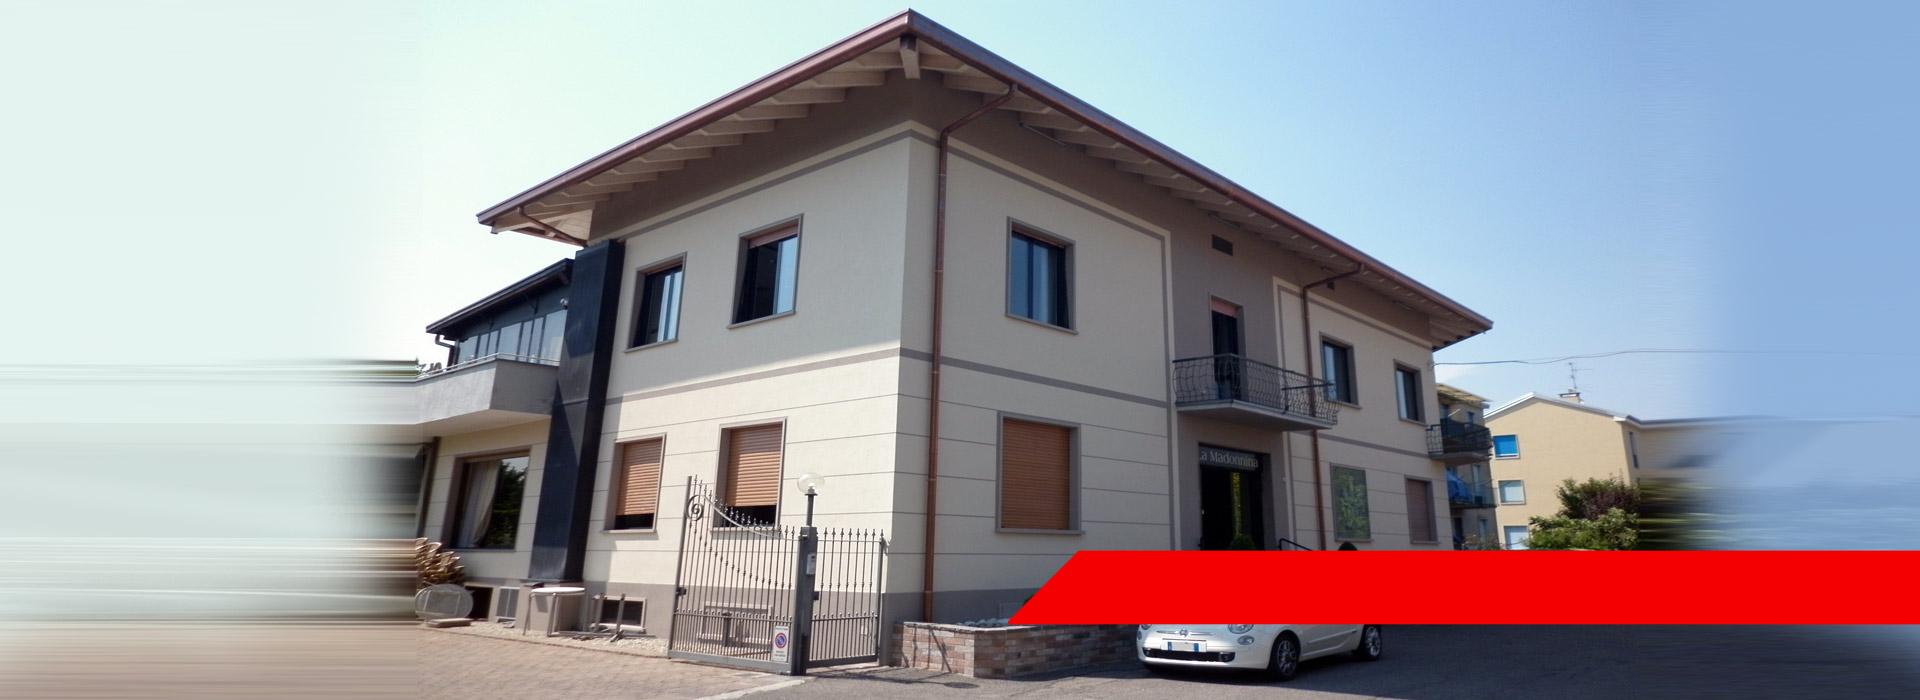 edilizia-banfi-ristrutturazioni-lomazzo-como-01-news